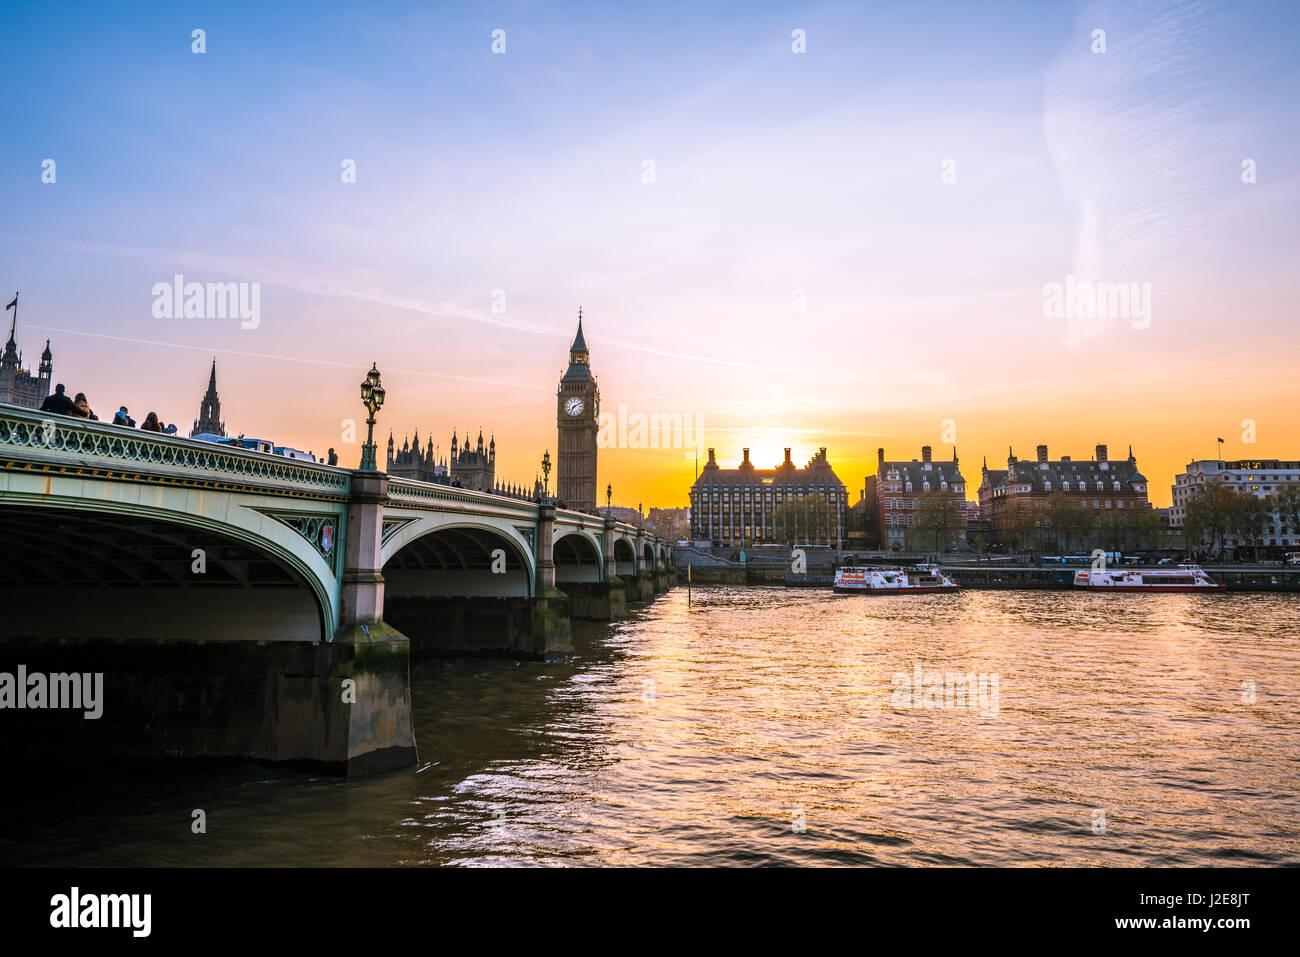 El Big Ben, el anochecer, luz nocturna, Puesta de sol, las Casas del Parlamento, el puente de Westminster, el Támesis, Foto de stock